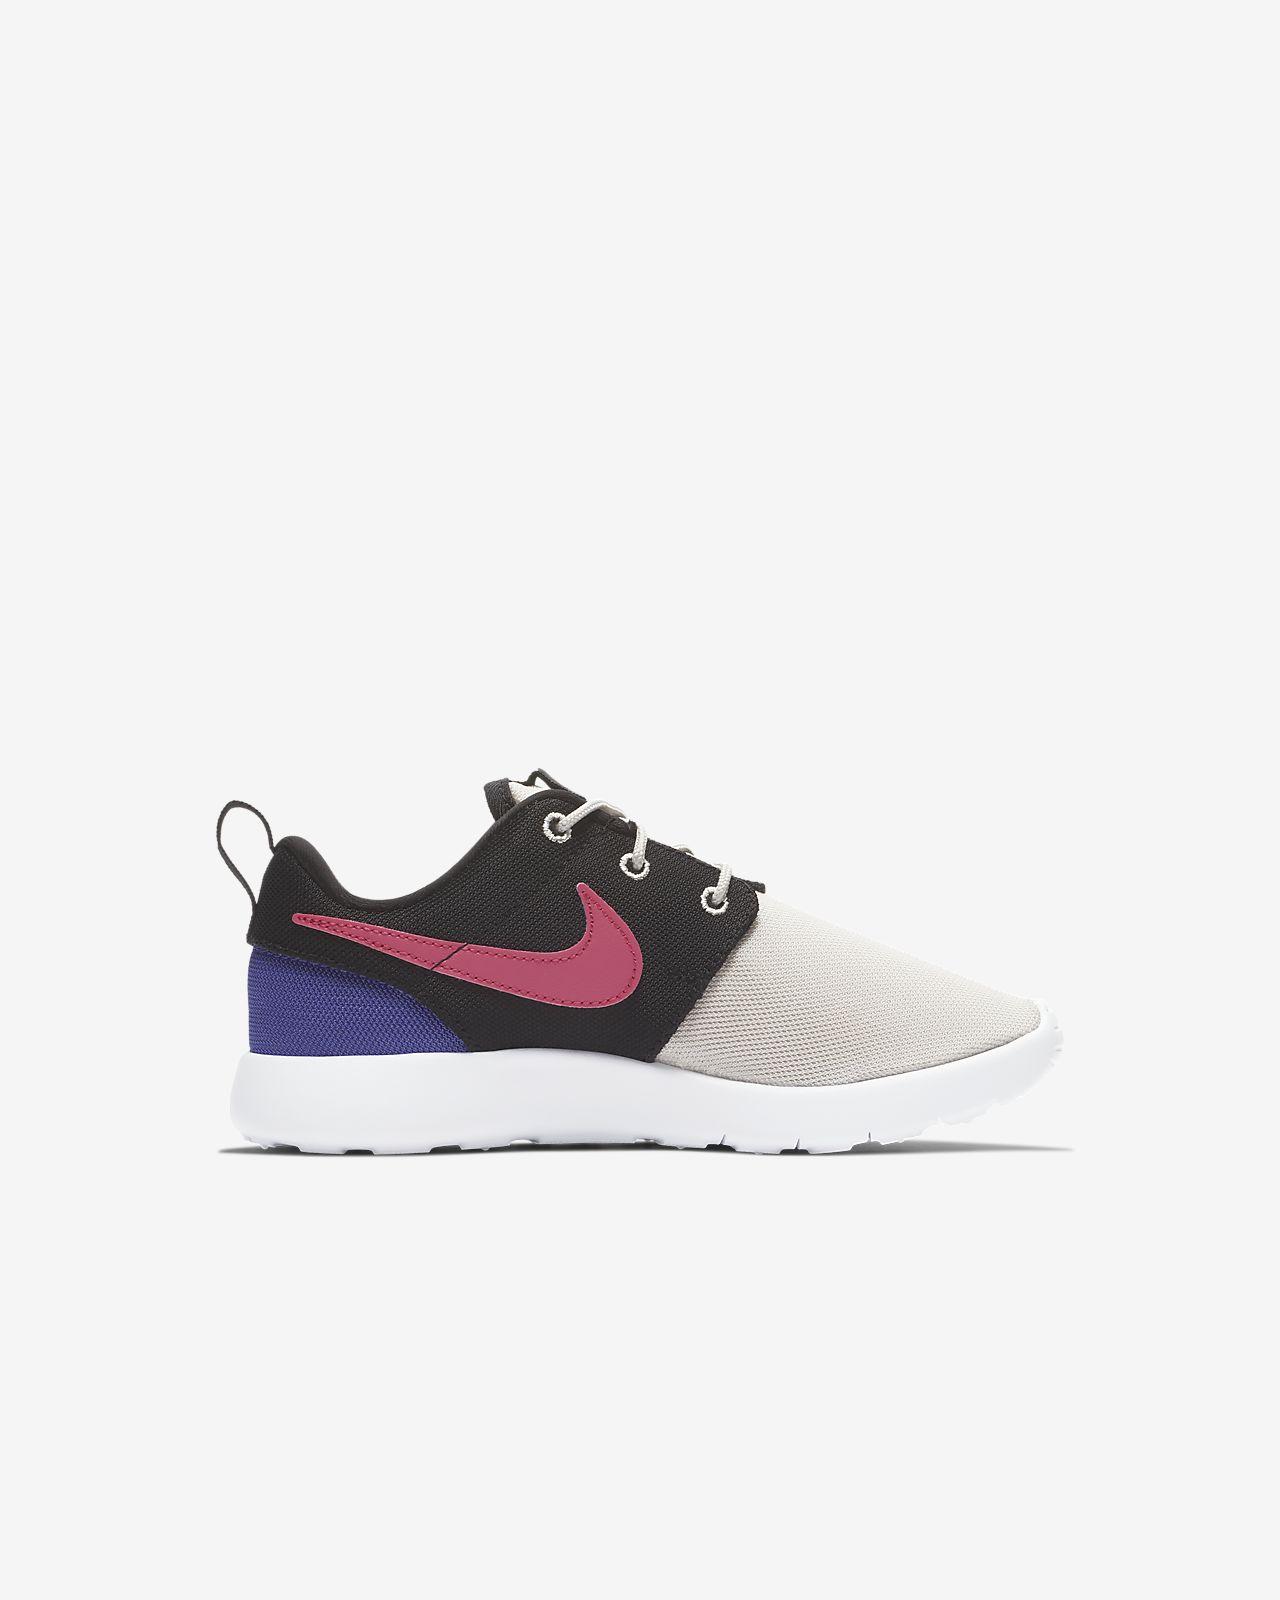 a663c6863391 Nike Roshe One Little Kids  Shoe. Nike.com